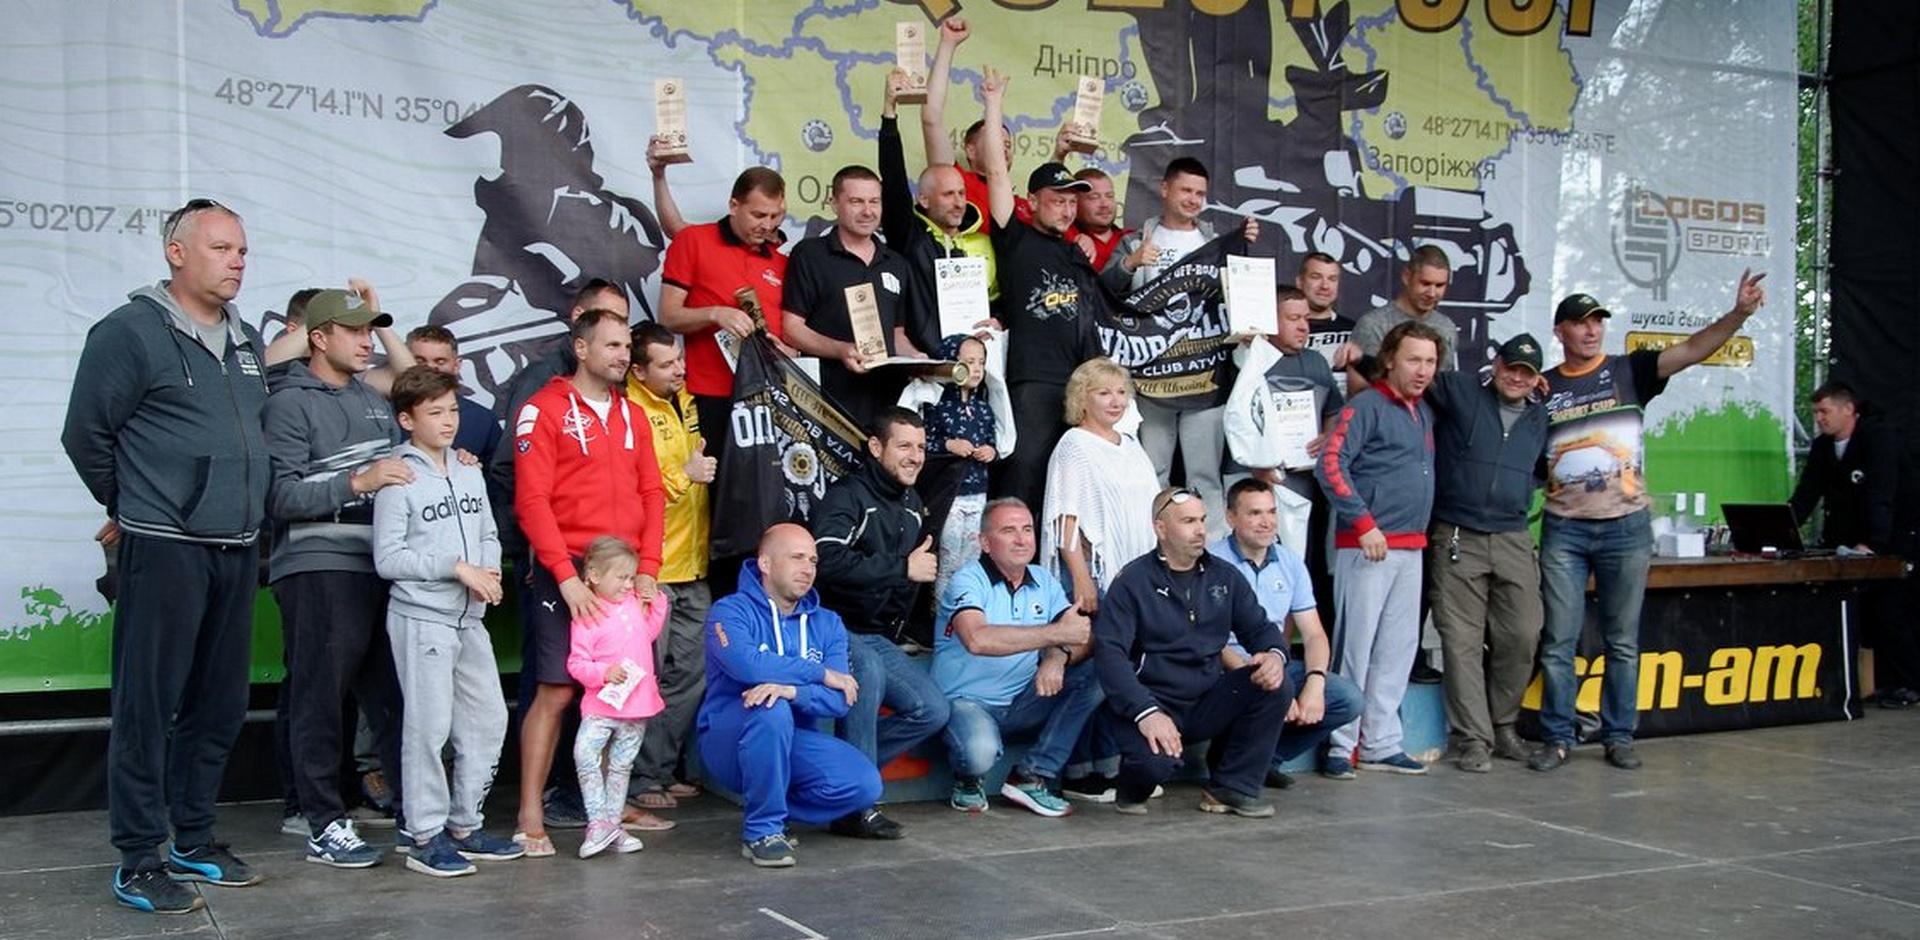 Отчет о 3-м этапе Чемпионата Украины по GPS-ориентированию для квадроциклов – Can-Am Quest Cup!